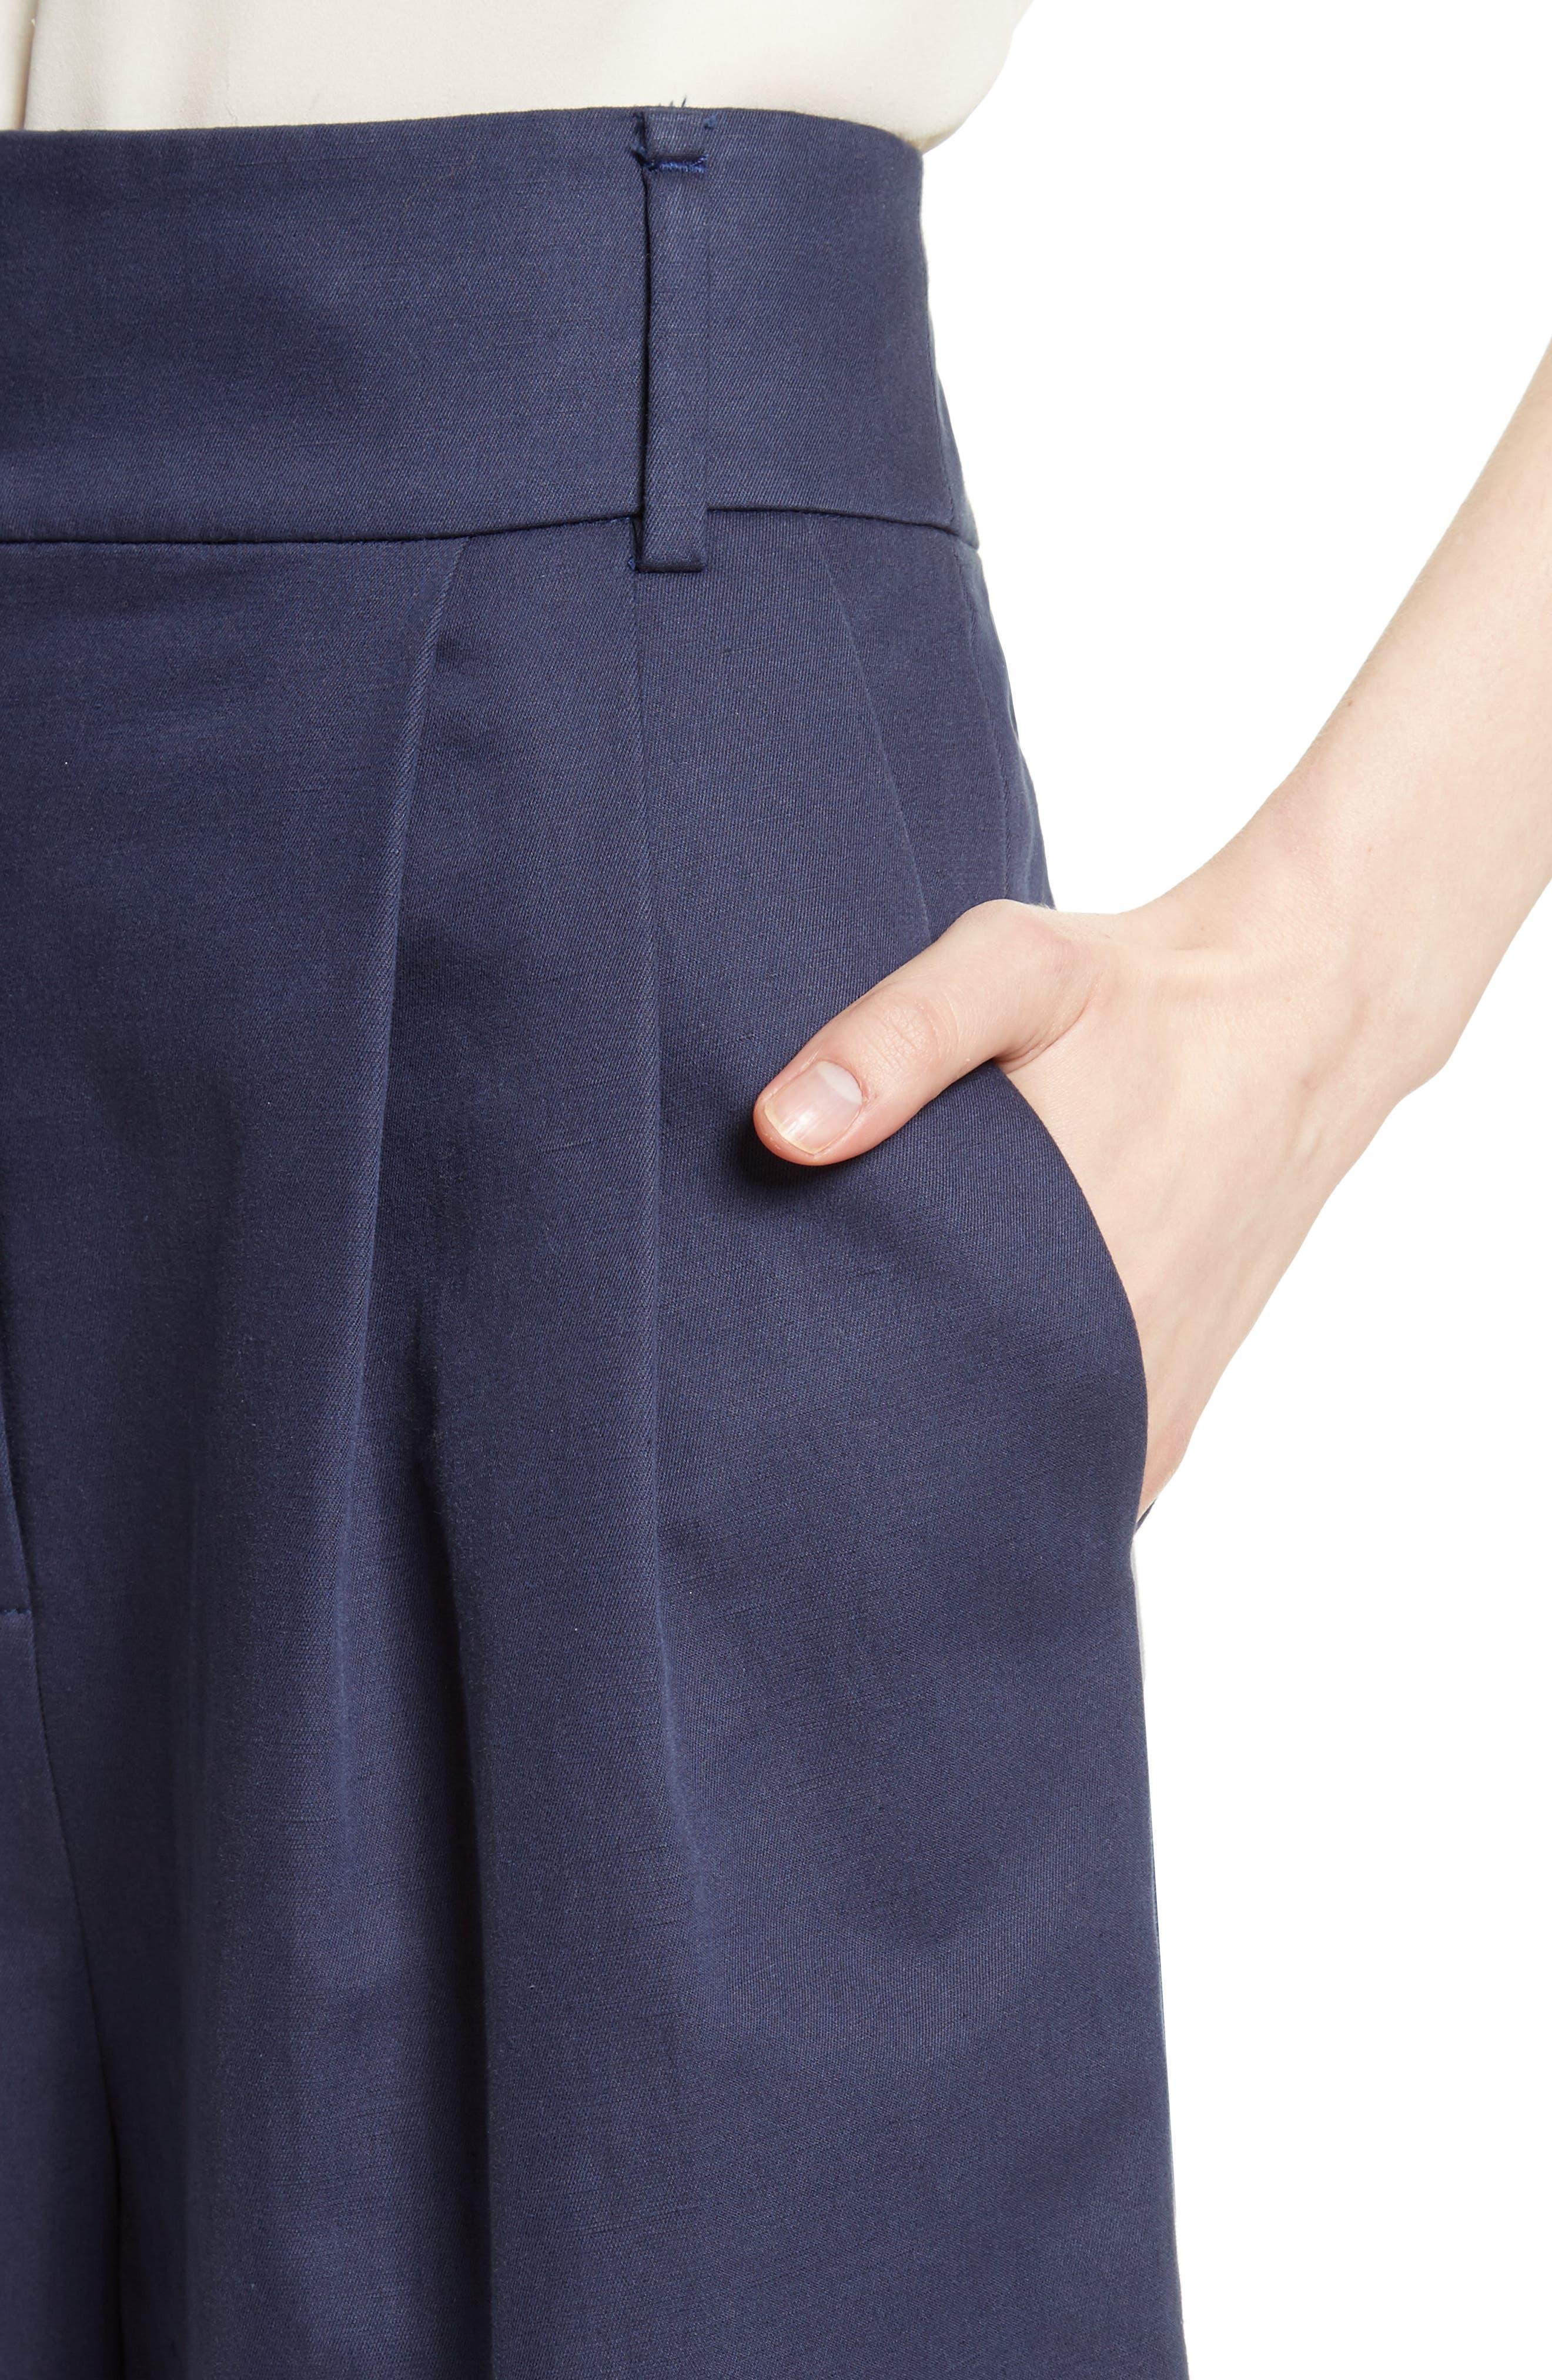 Chassis Plain Weave Crop Pants,                             Alternate thumbnail 4, color,                             402